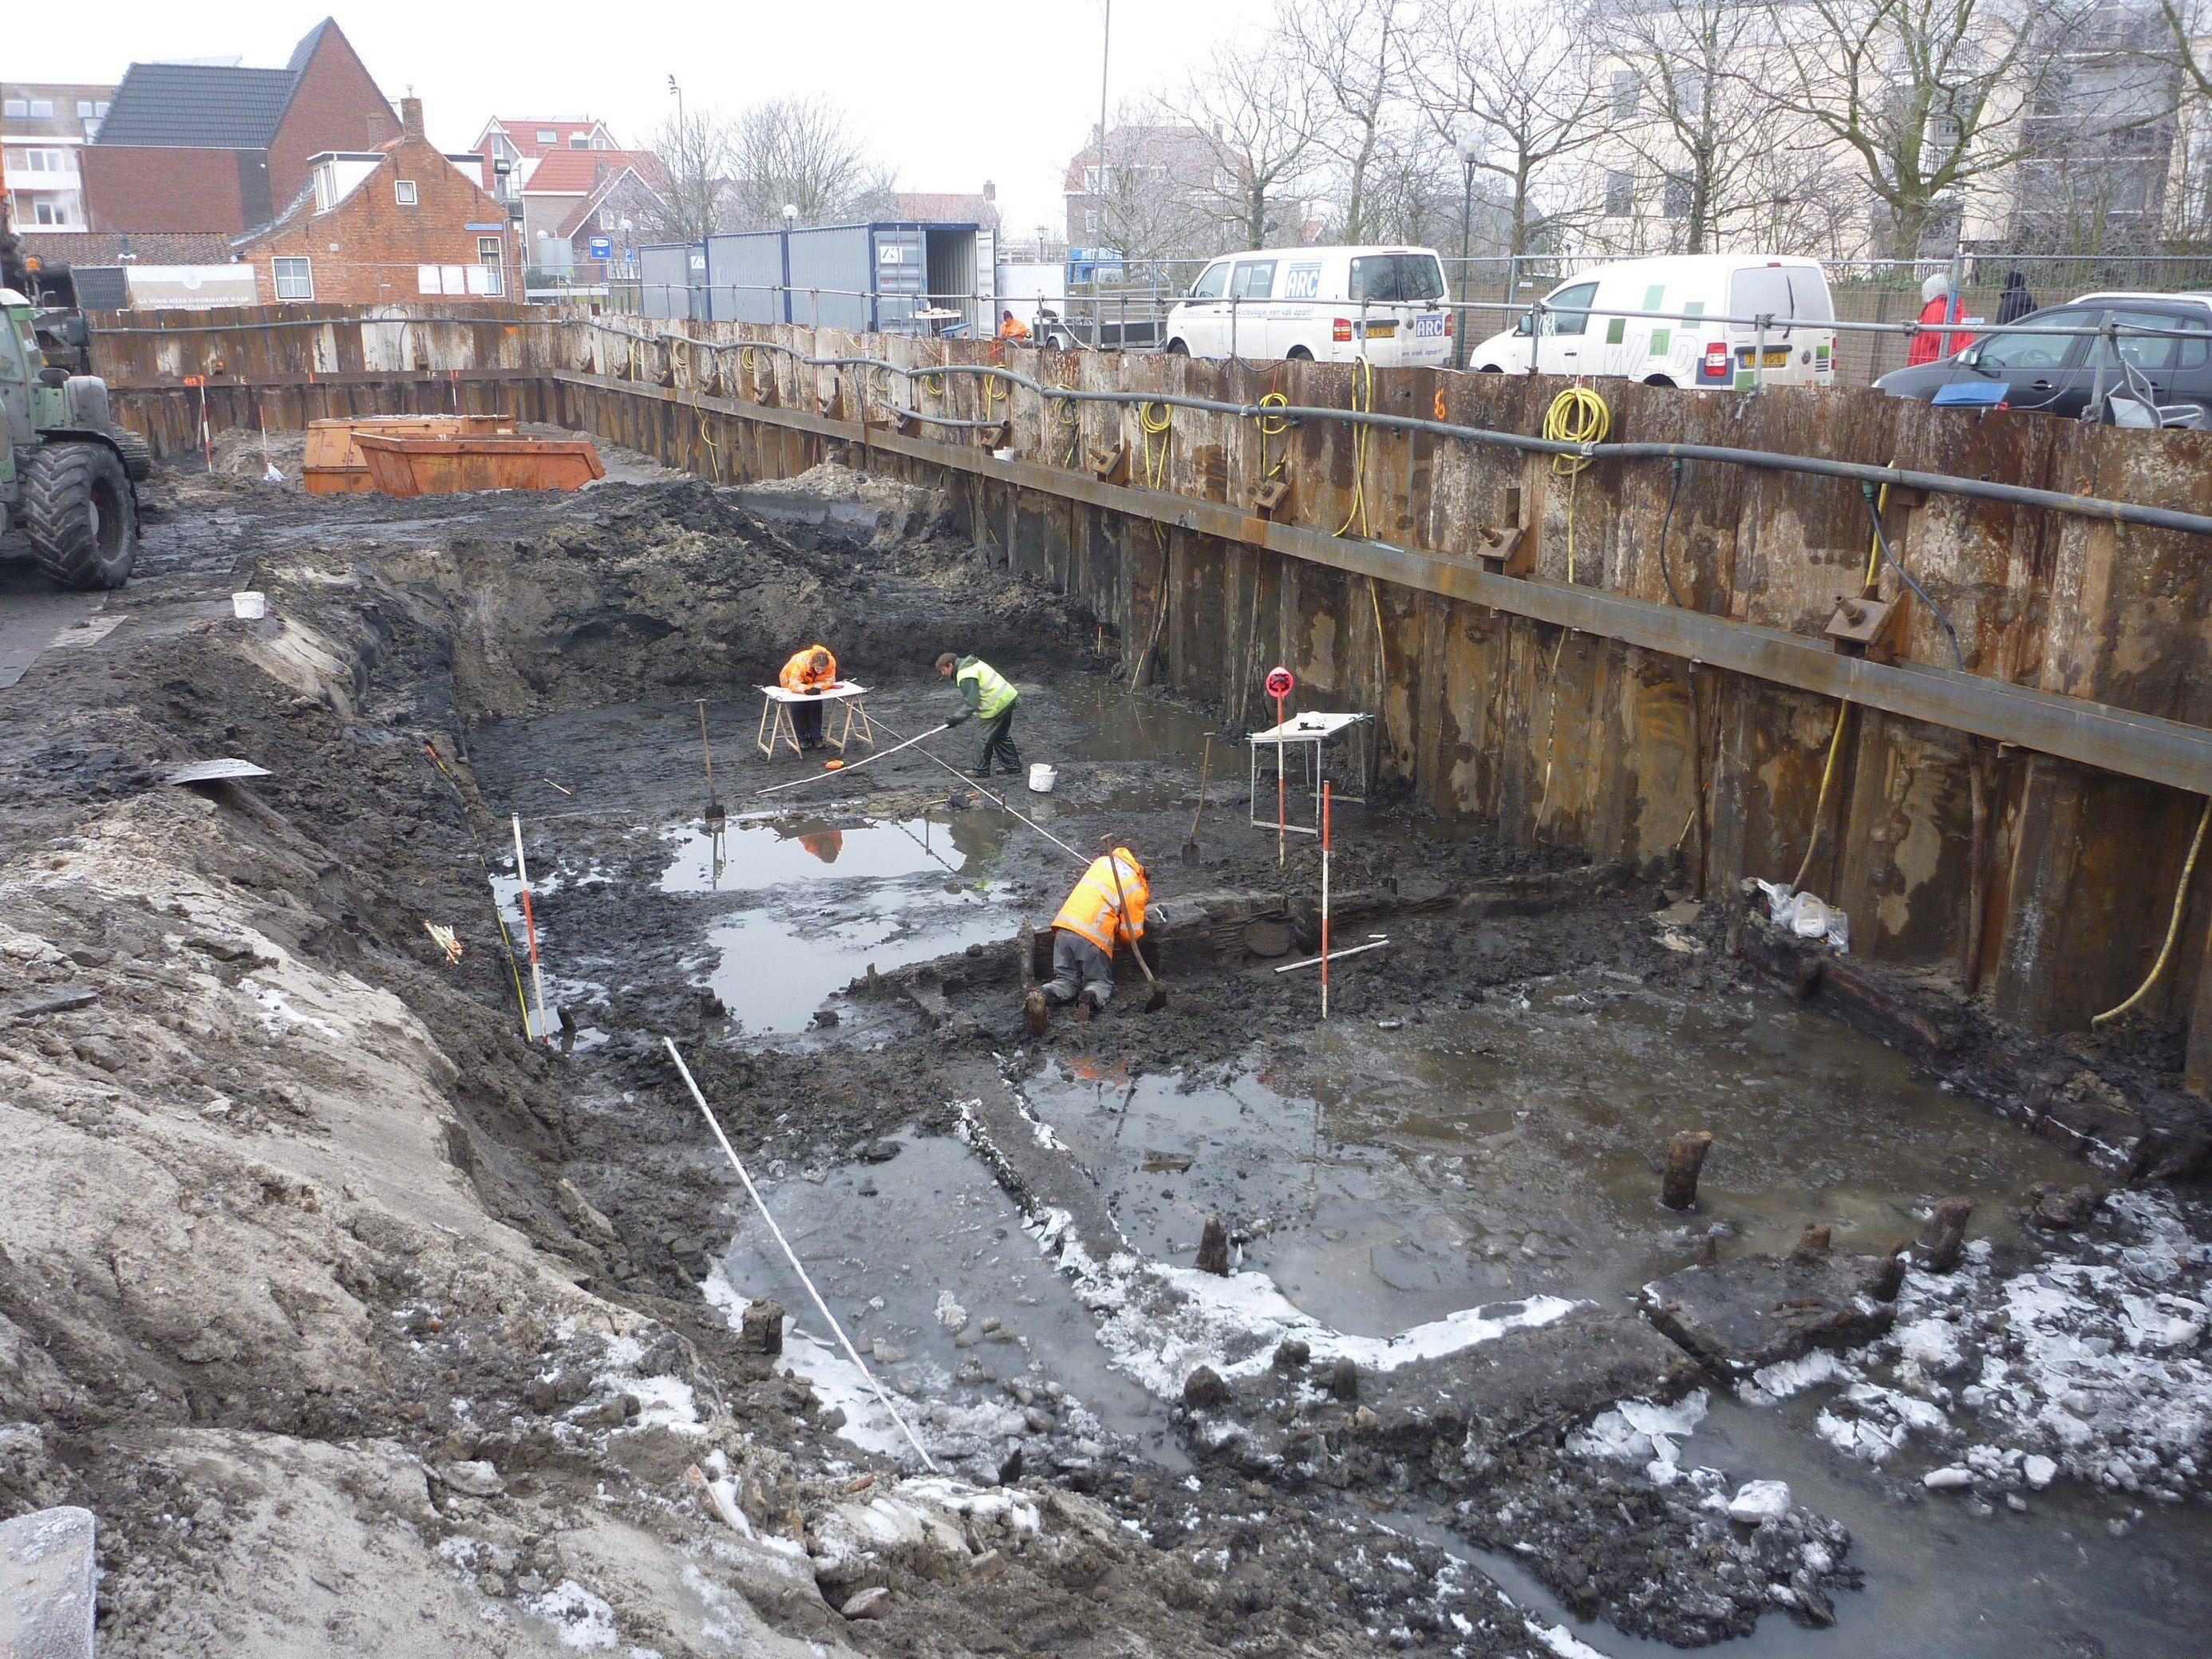 Opgraving aan 't Groentje in Domburg, ter plaatse van de ringwalburg (foto coll. Walcherse Archeologische Dienst).